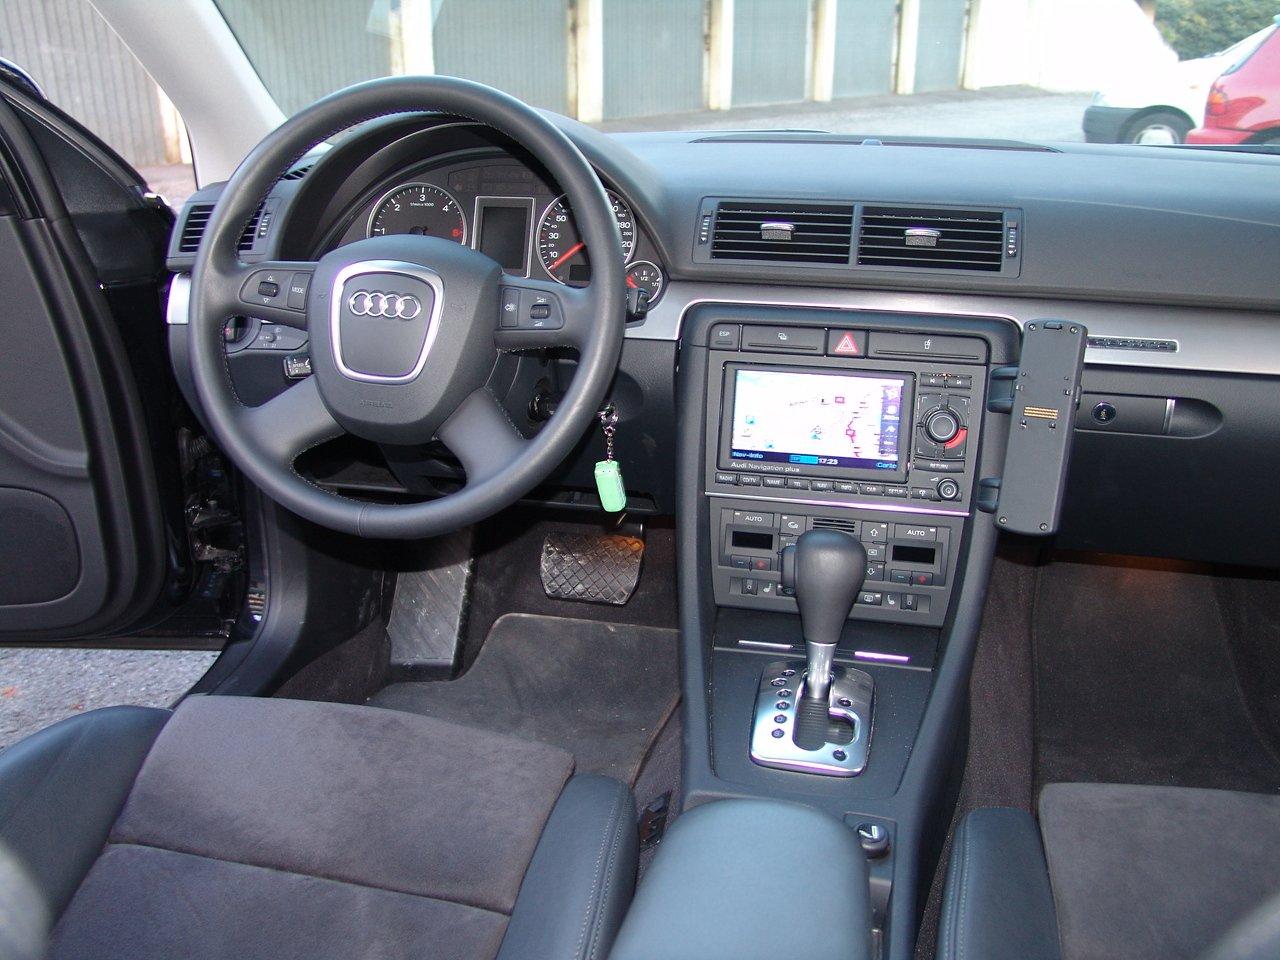 Audi a4 avant 3 0 tdi quattro 232ch bv6 s line votre for Audi a6 avant interieur